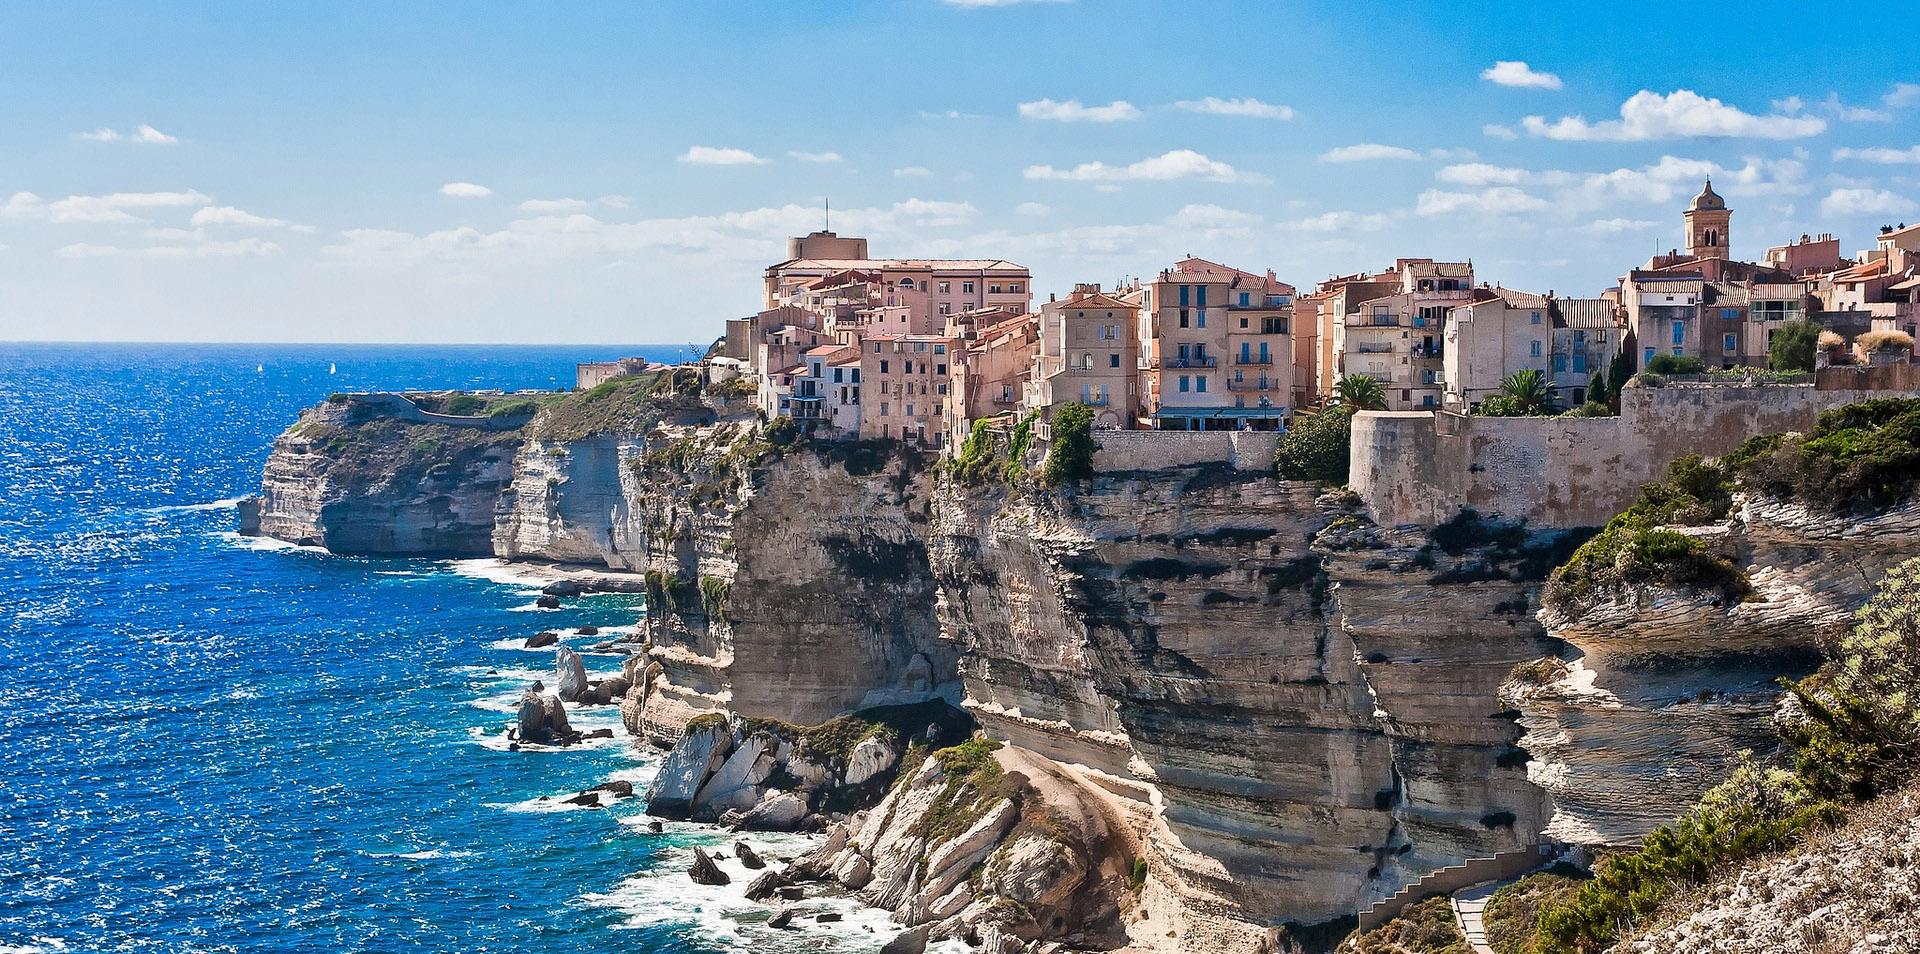 Corsica, France - Mario Beqollari